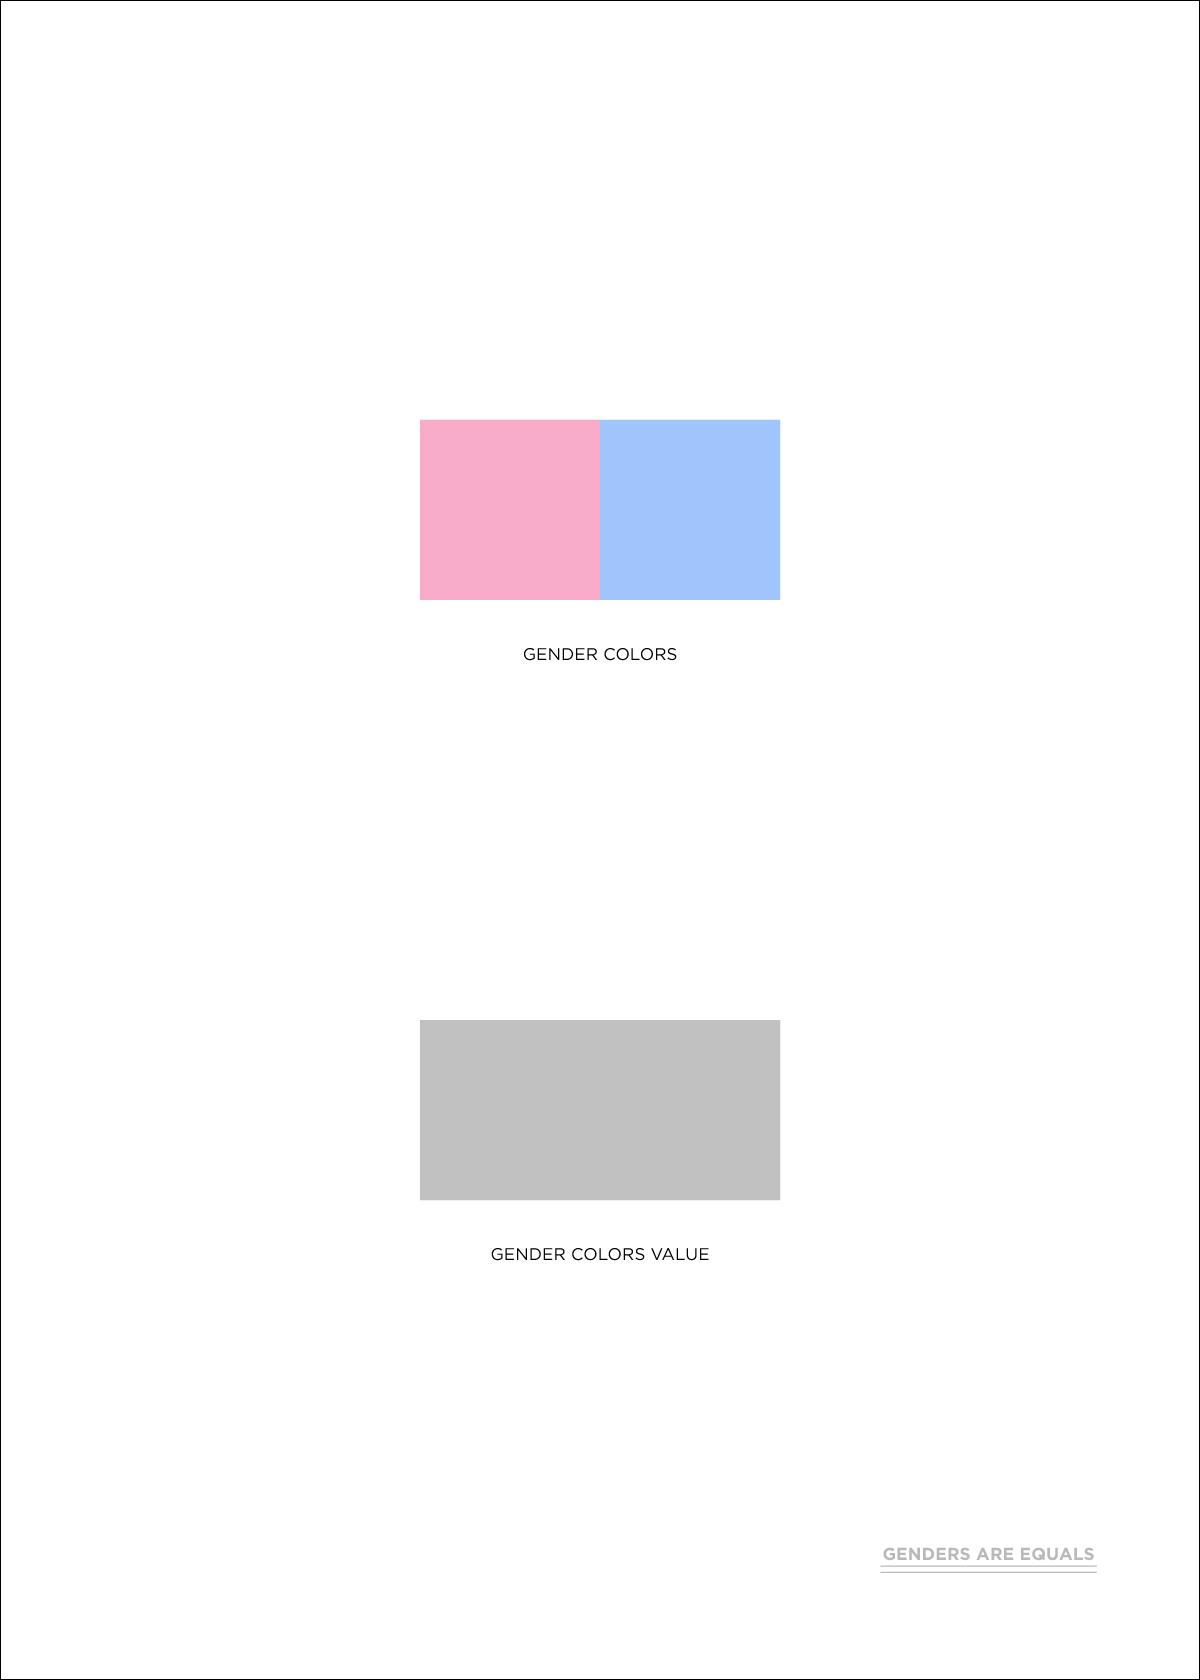 Pour l'égalité des genres (gender equality), variante 1